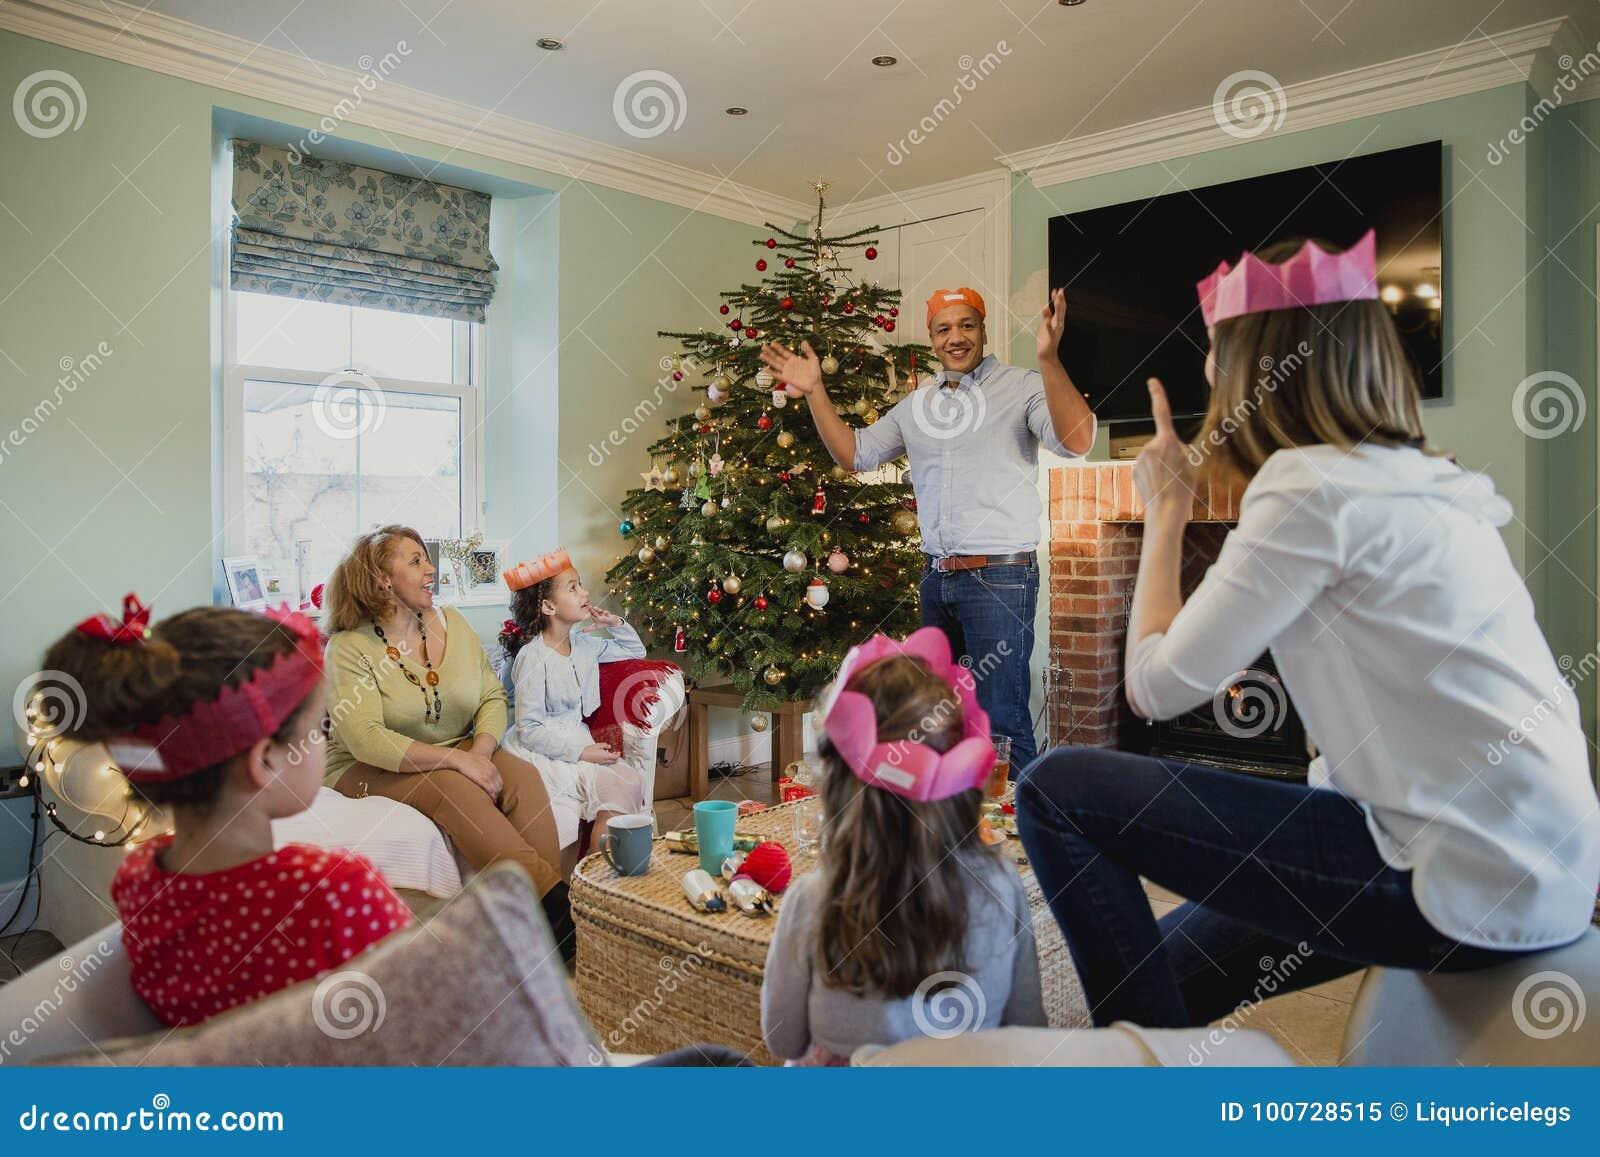 Jugar charadas en la Navidad